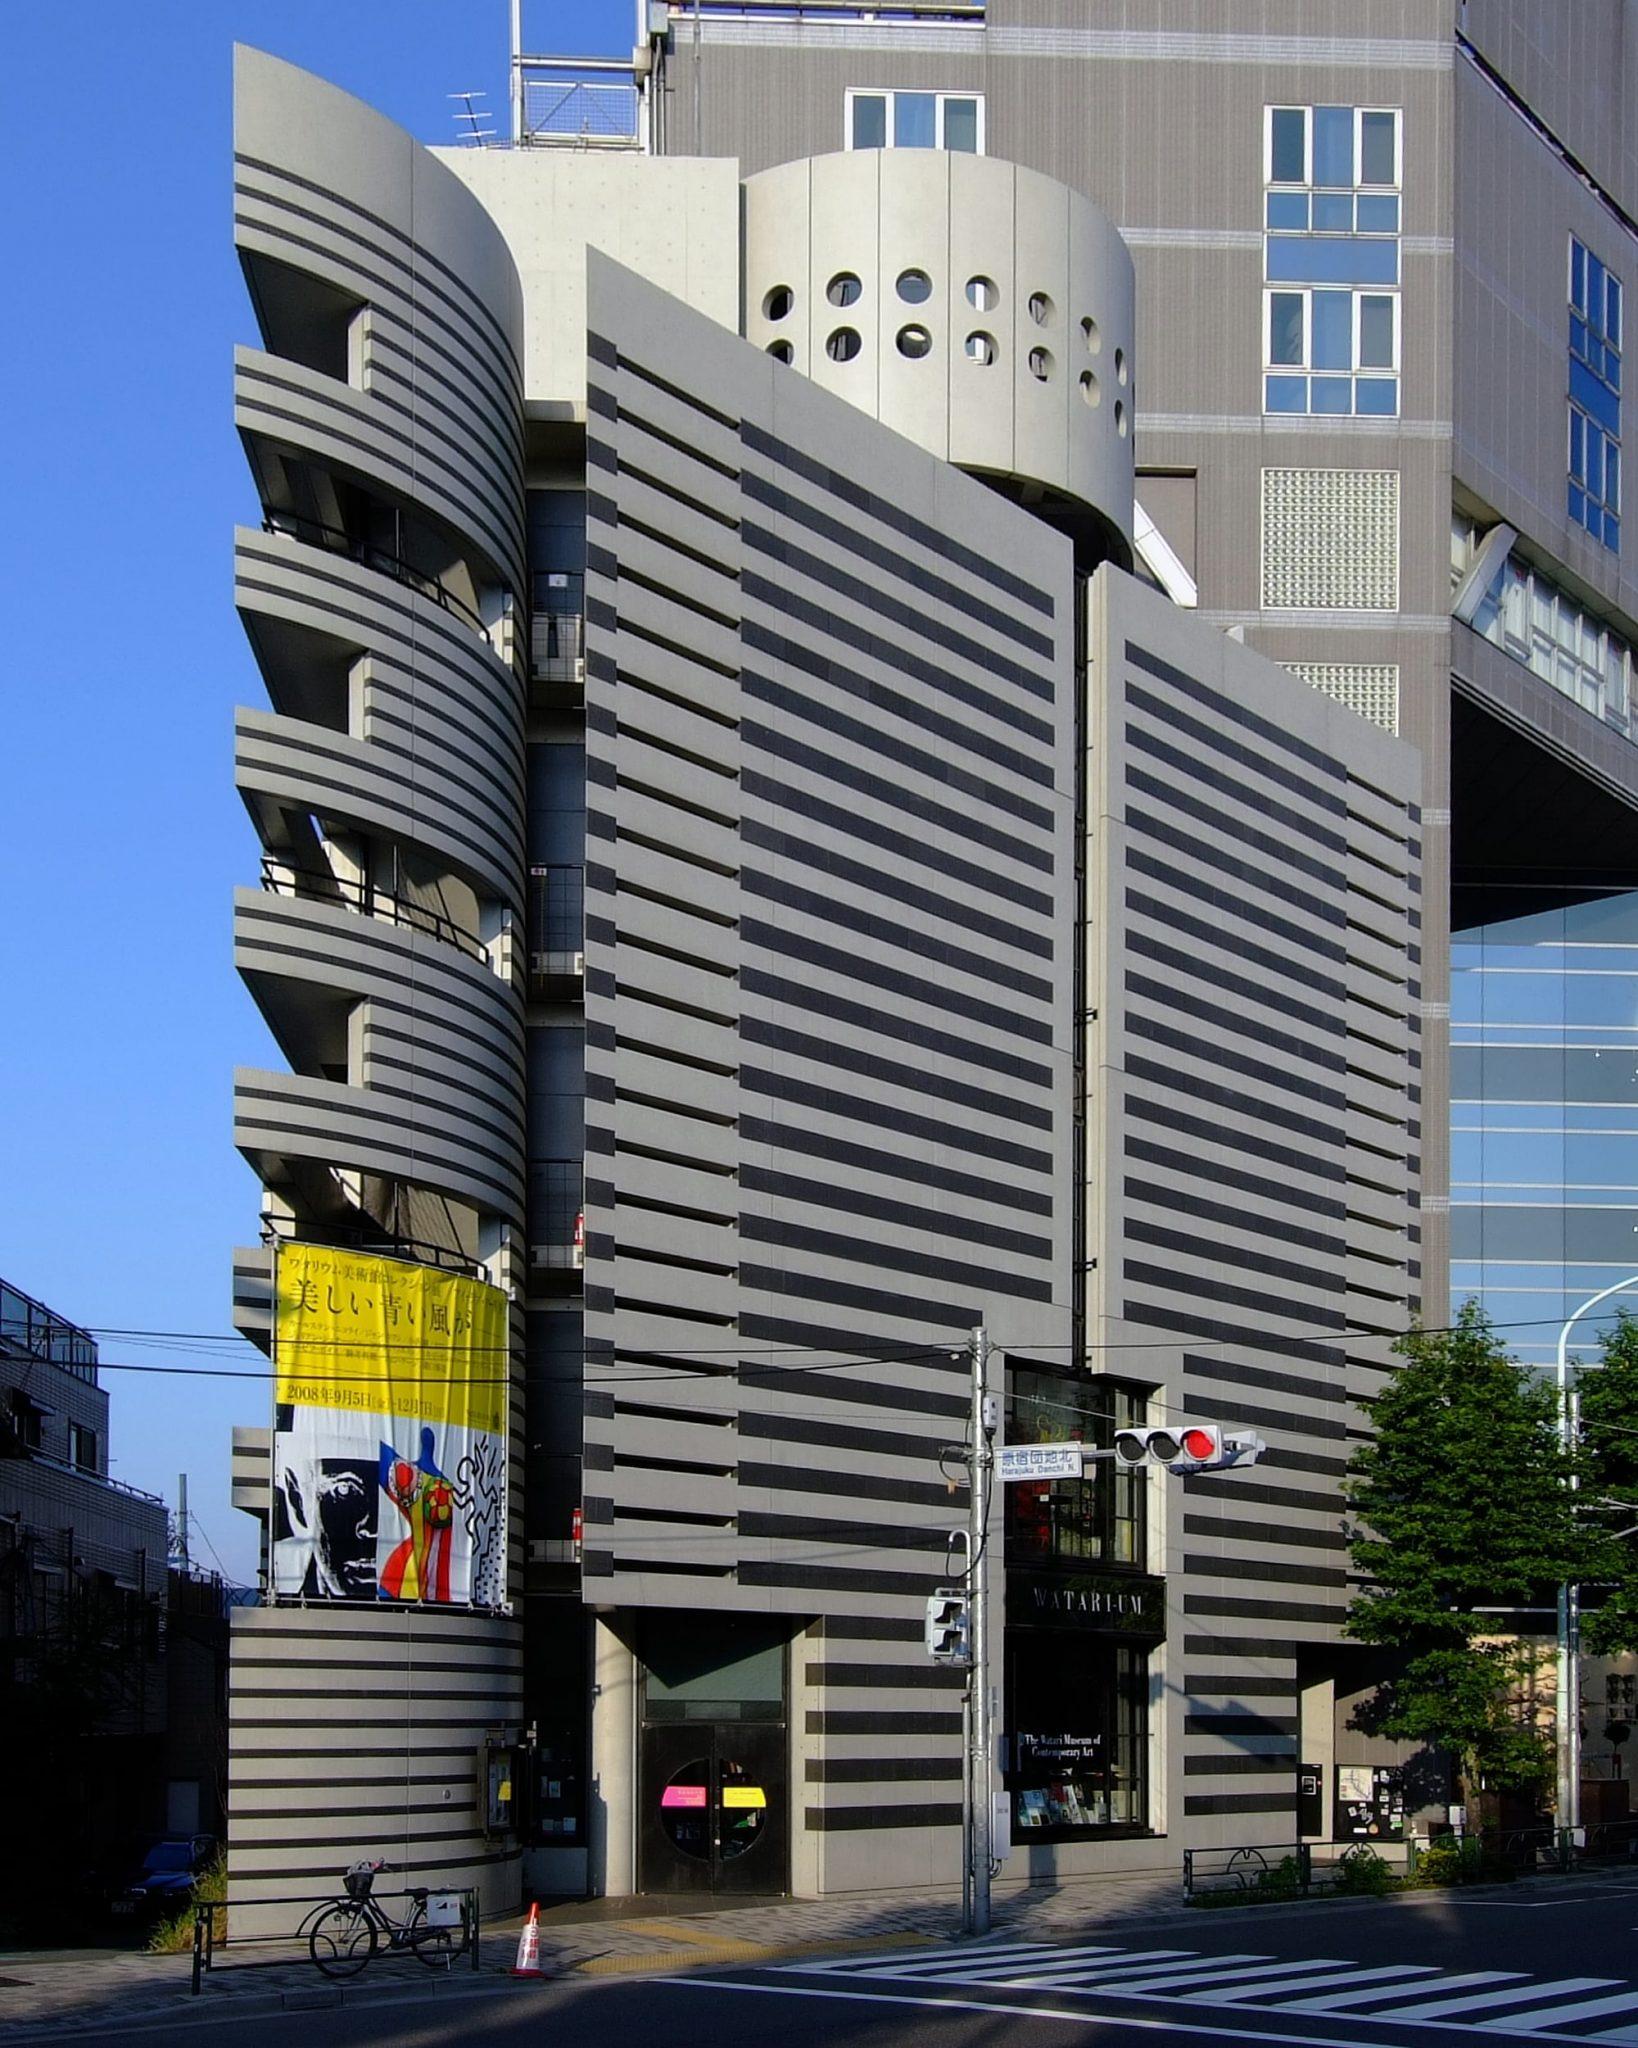 ماریو بوتا Watari Museum of Contemporary Art in Shibuya ku, Tokyo, Japan